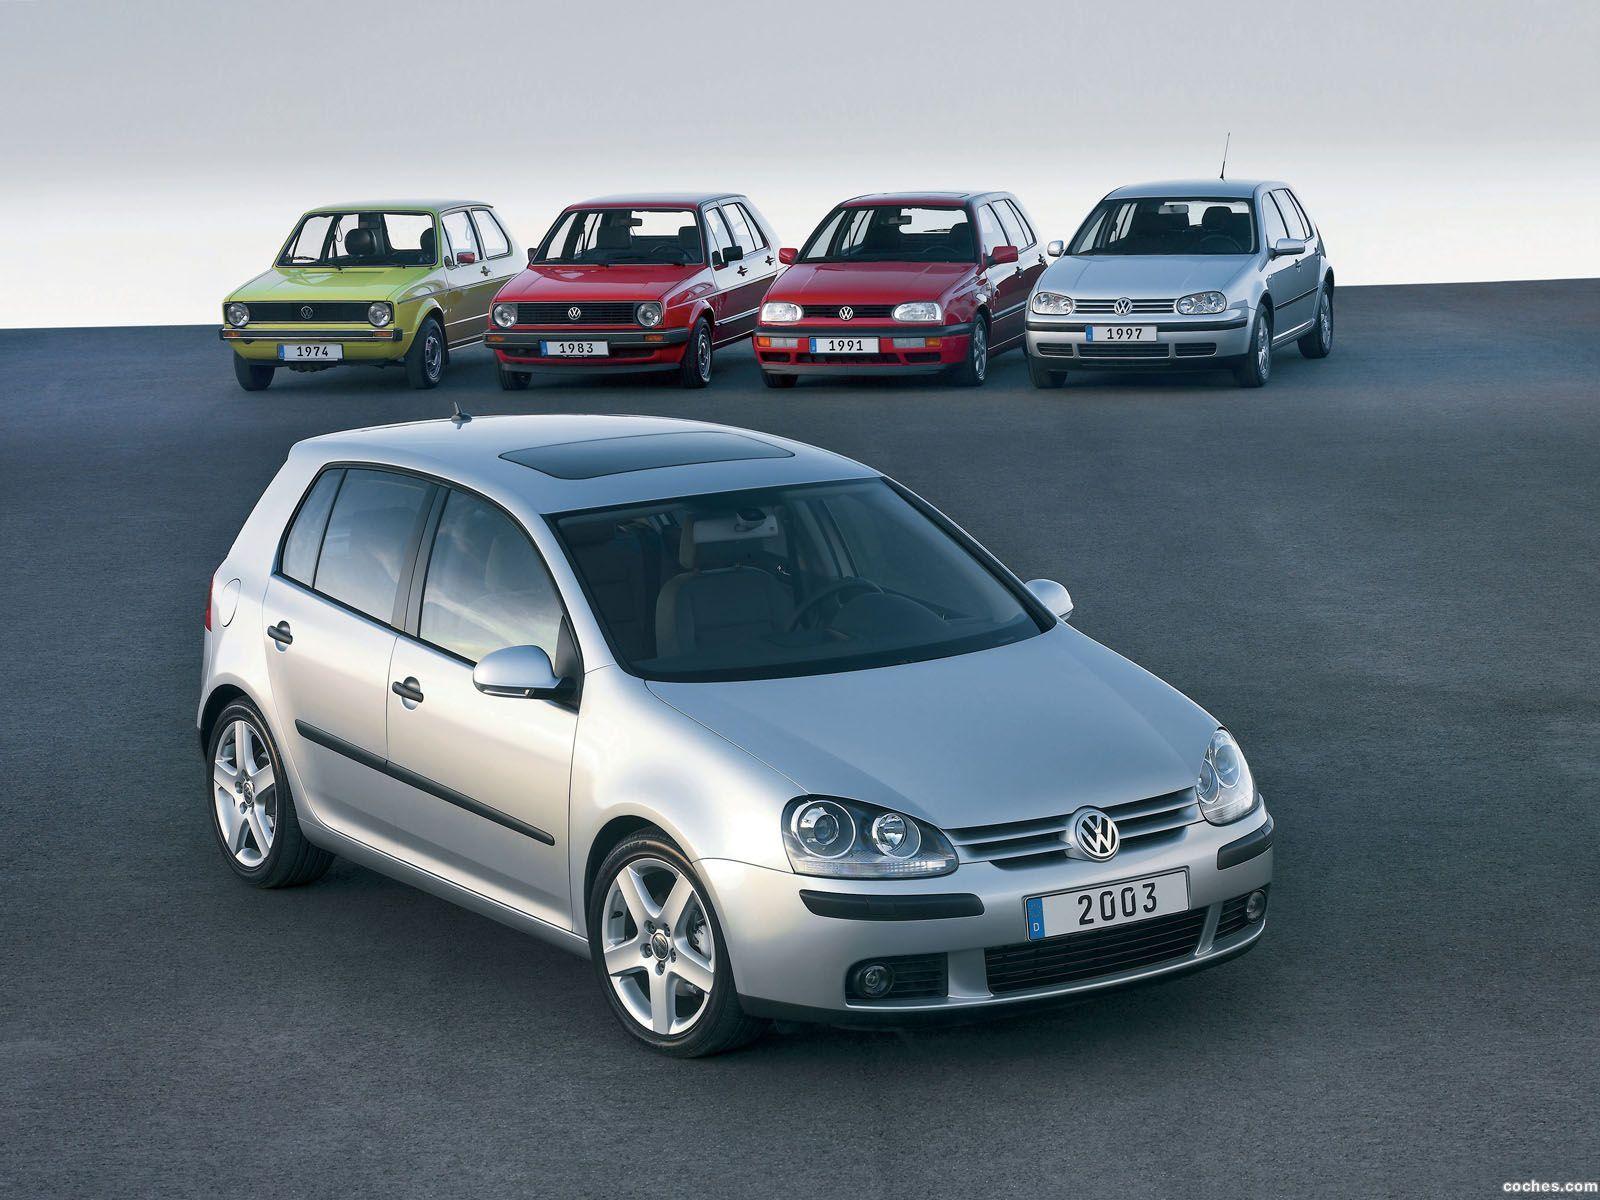 Foto 40 de Volkswagen Golf V 2003